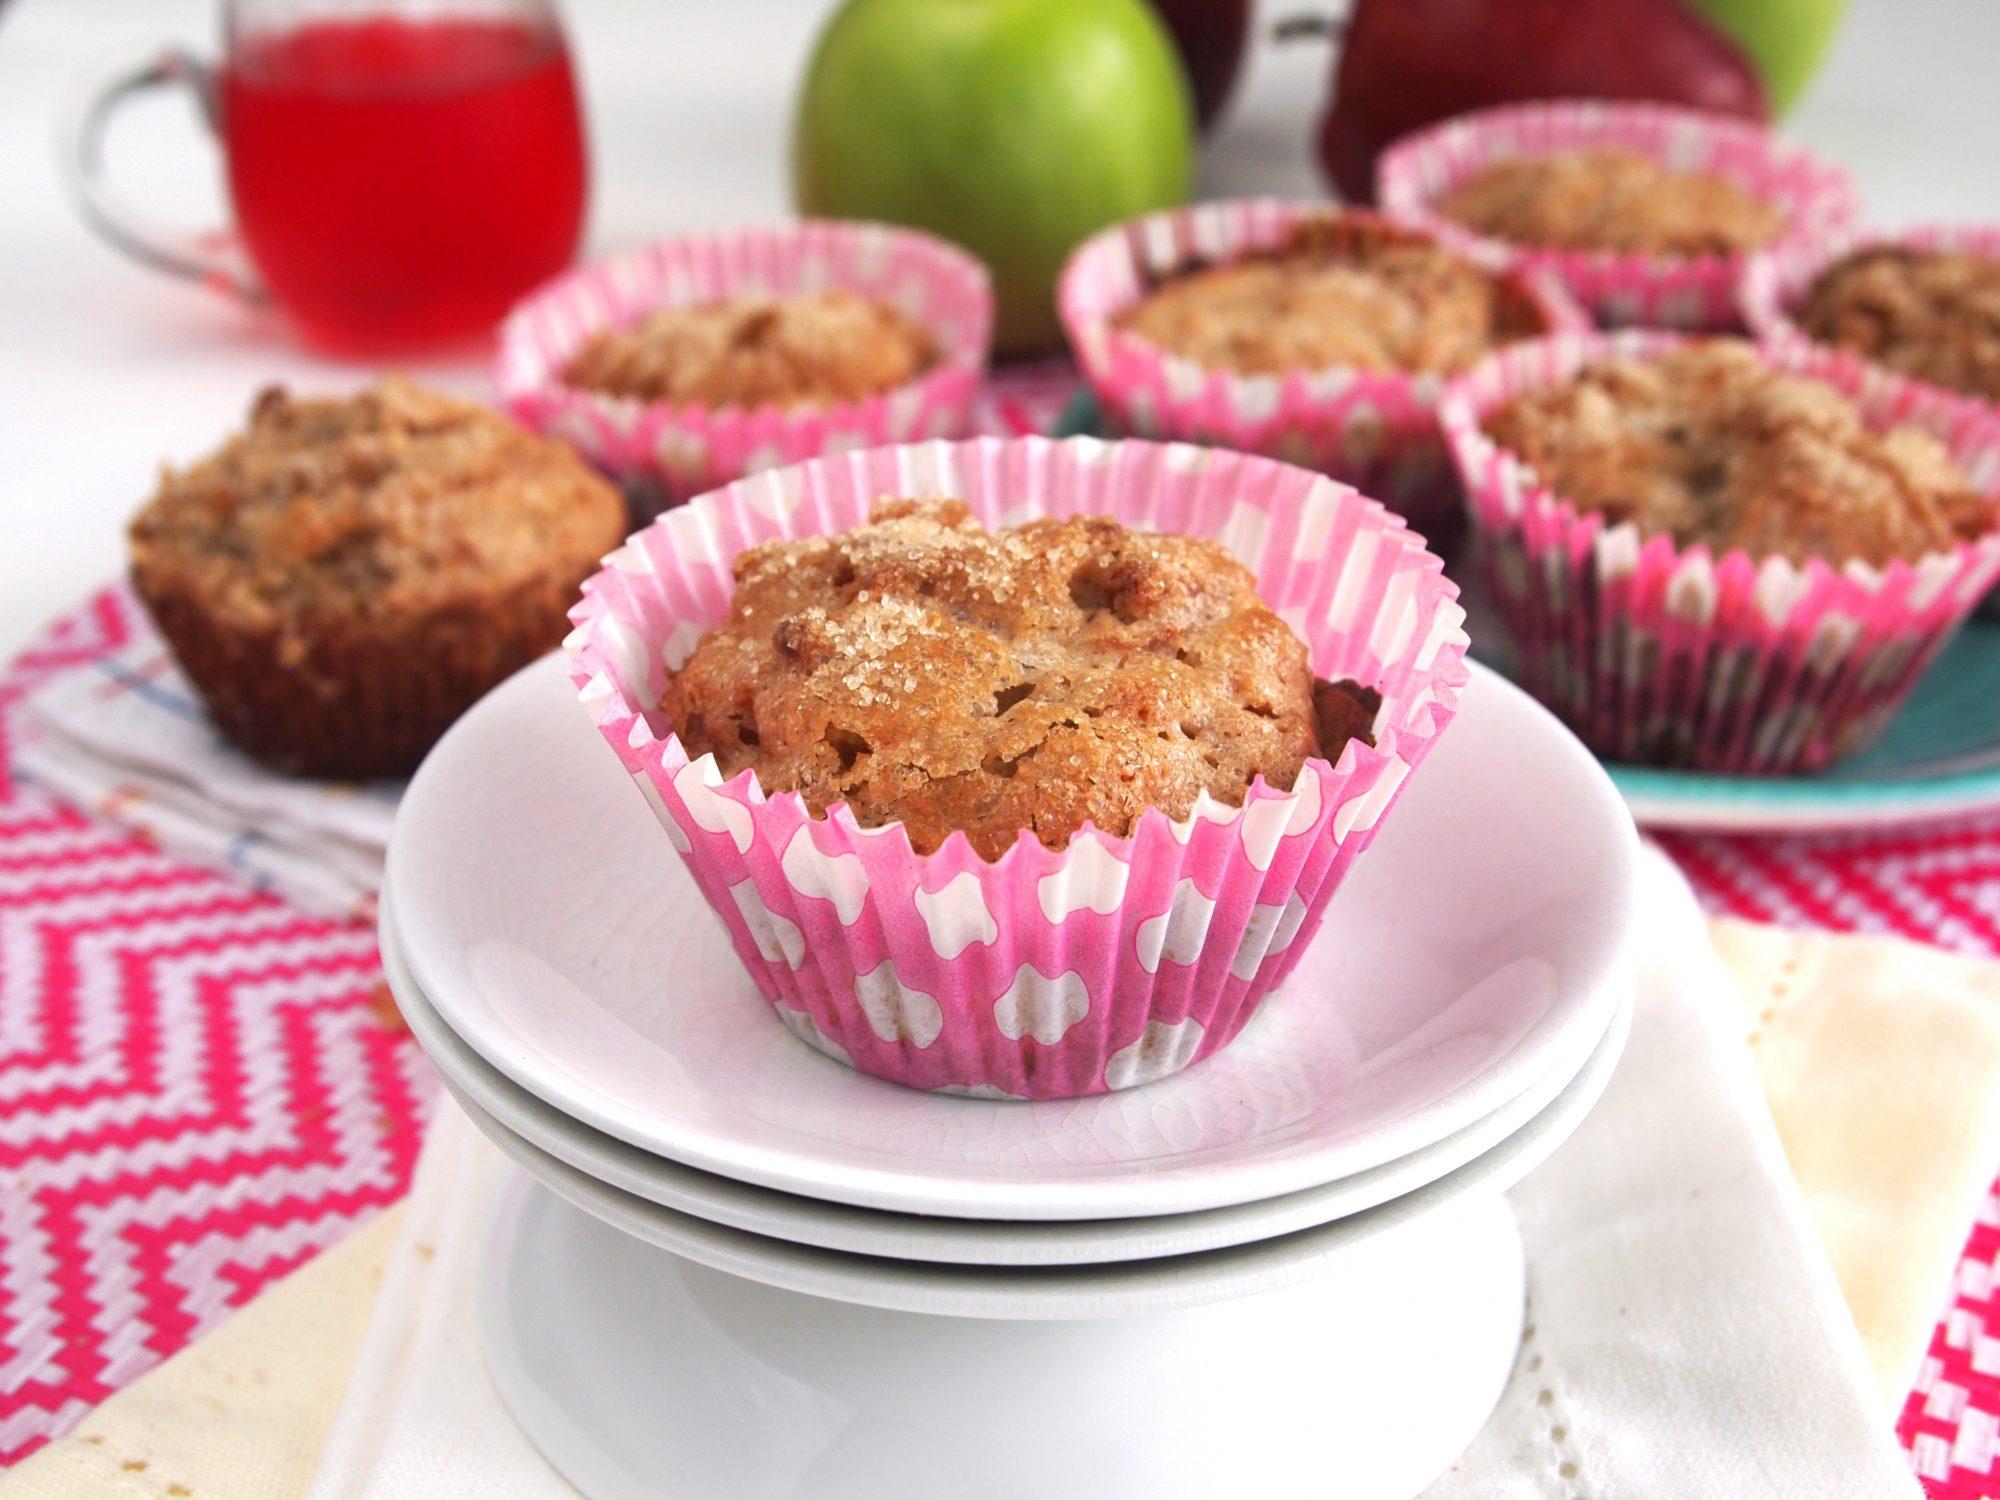 Gluten-Free Apple and Cheerios™ Banana Muffins